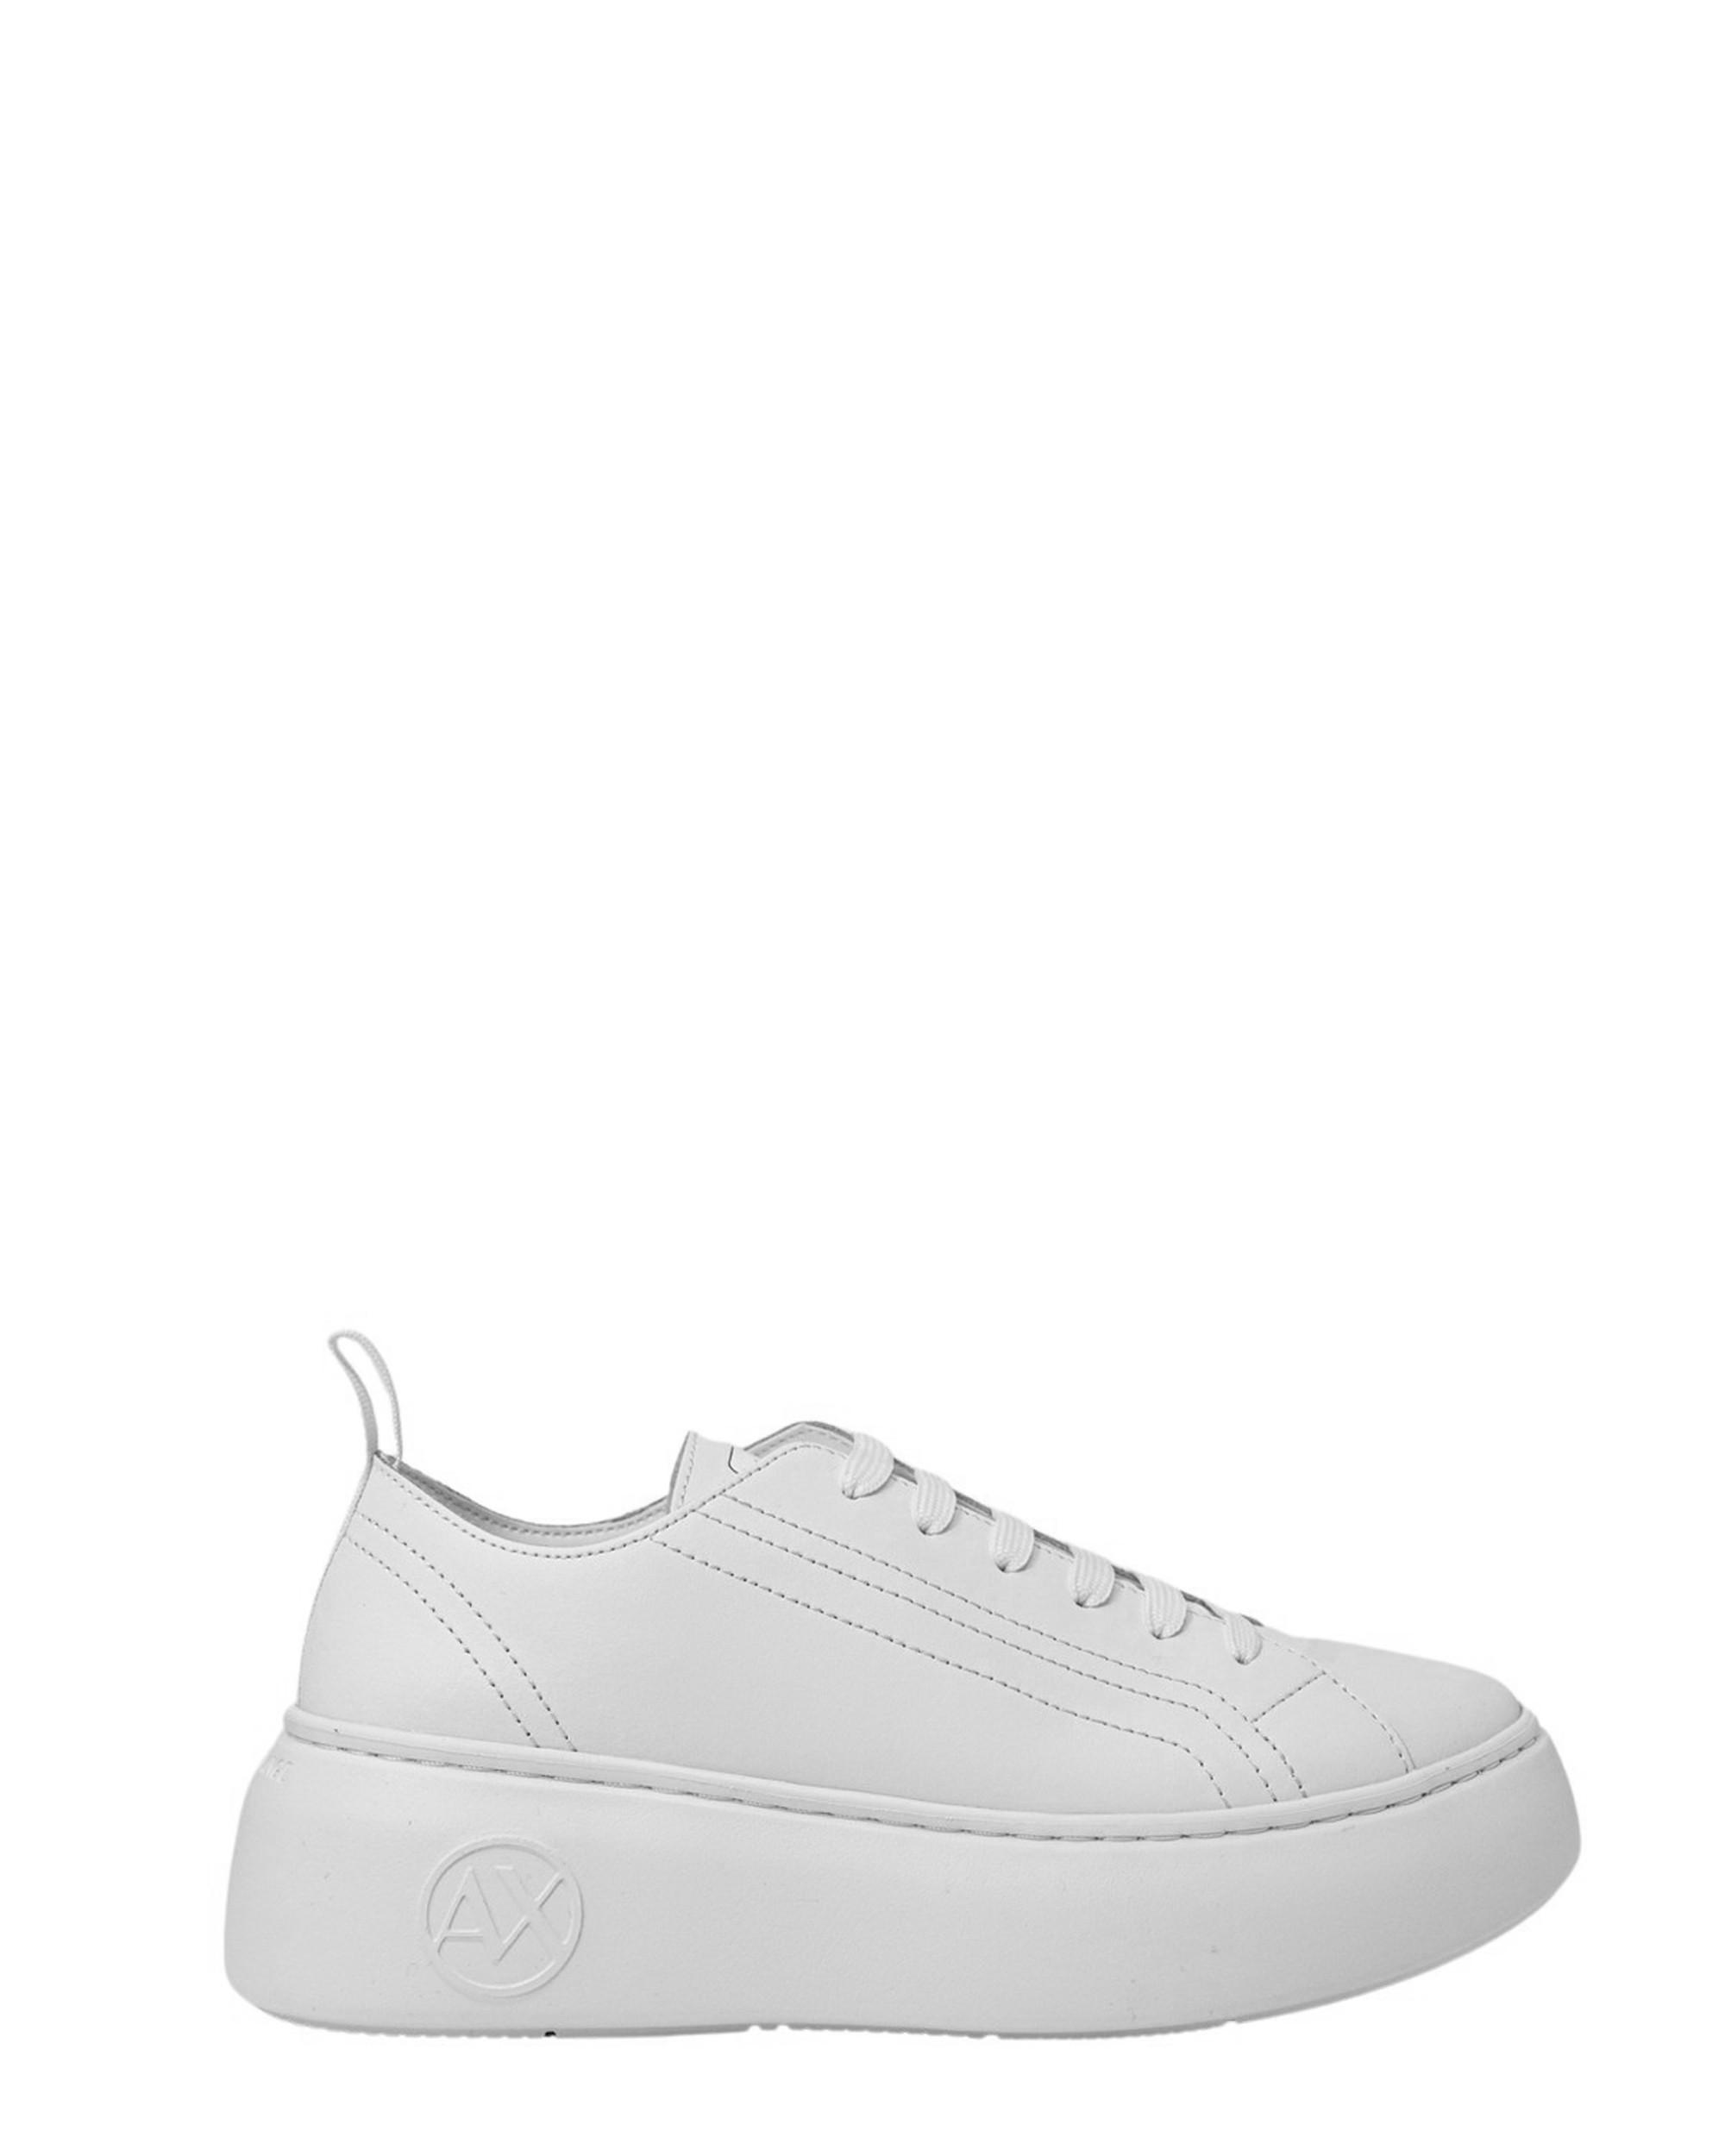 Marchio Armani Exchange Genere Donna Tipologia Sneakers Stagione Primavera/…